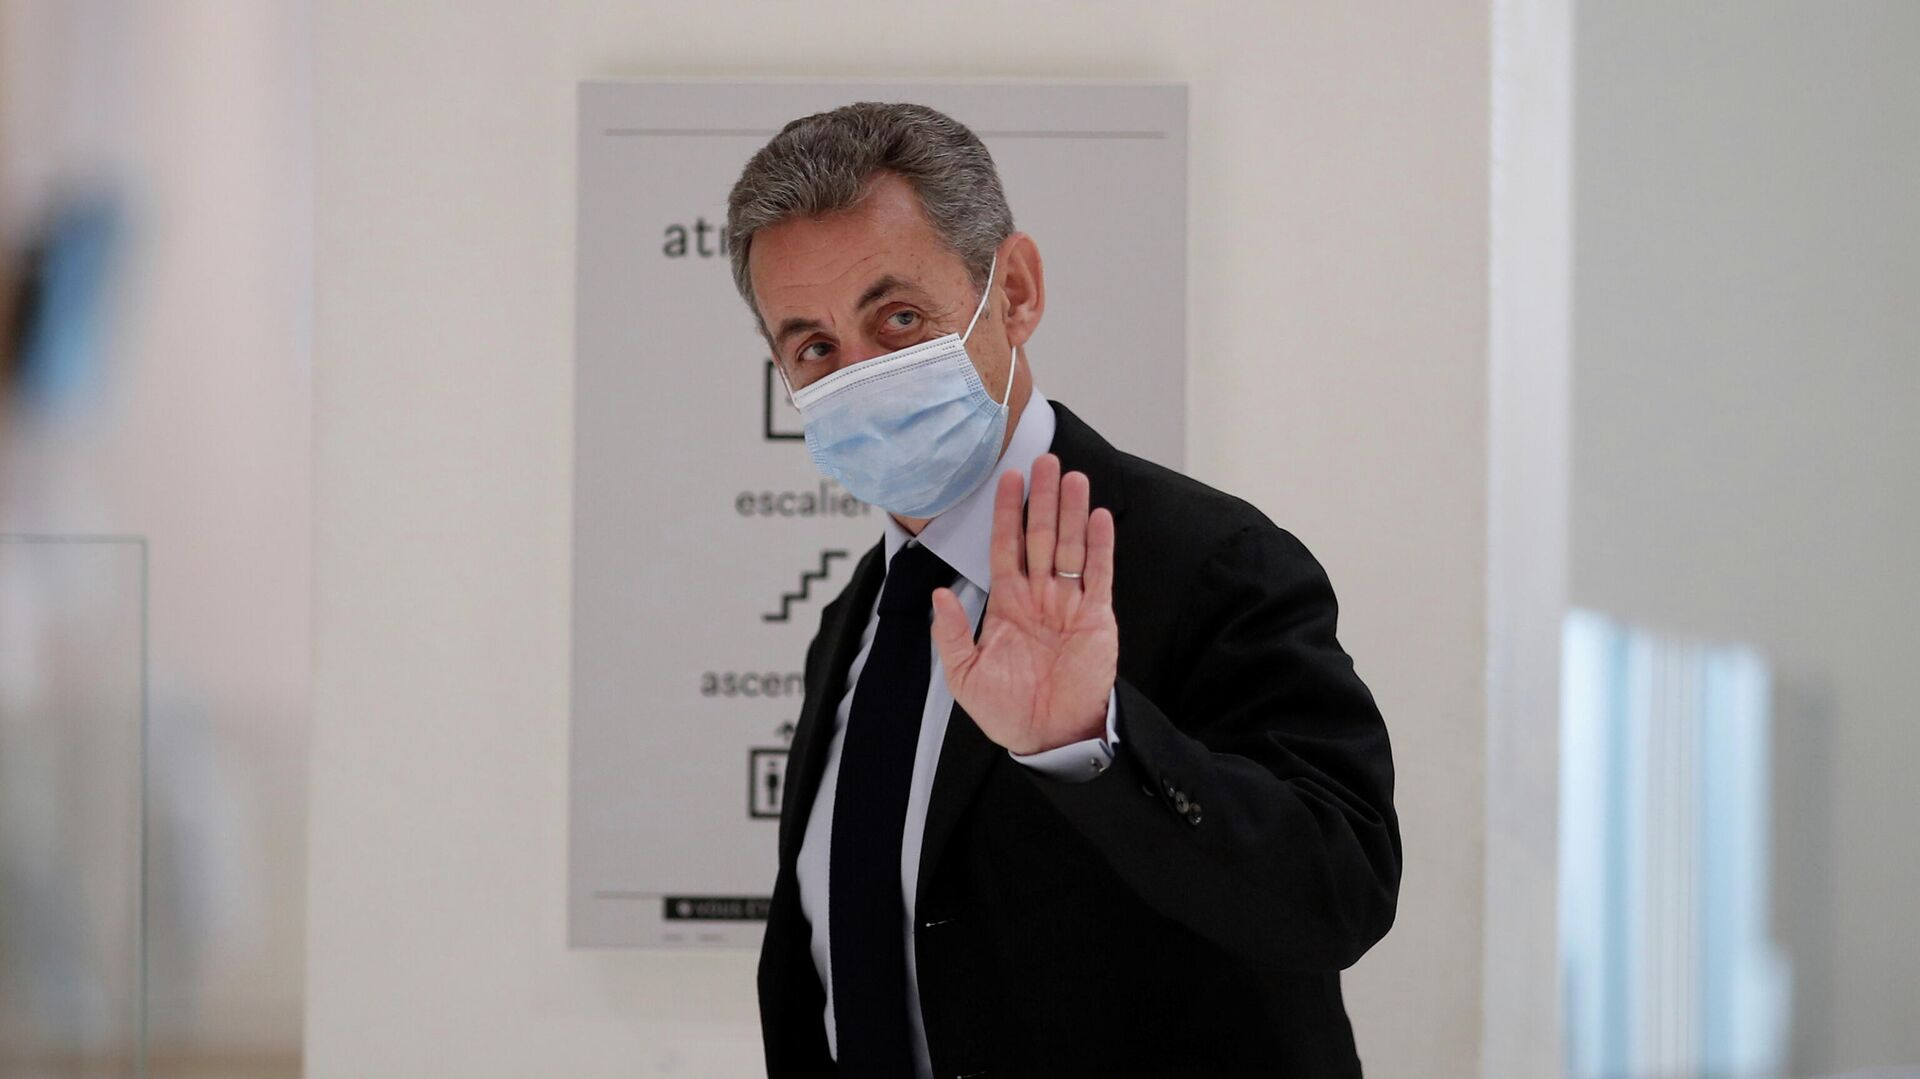 Бывший президент Франции Николя Саркози в здании суда перед вынесением приговора - РИА Новости, 1920, 02.03.2021